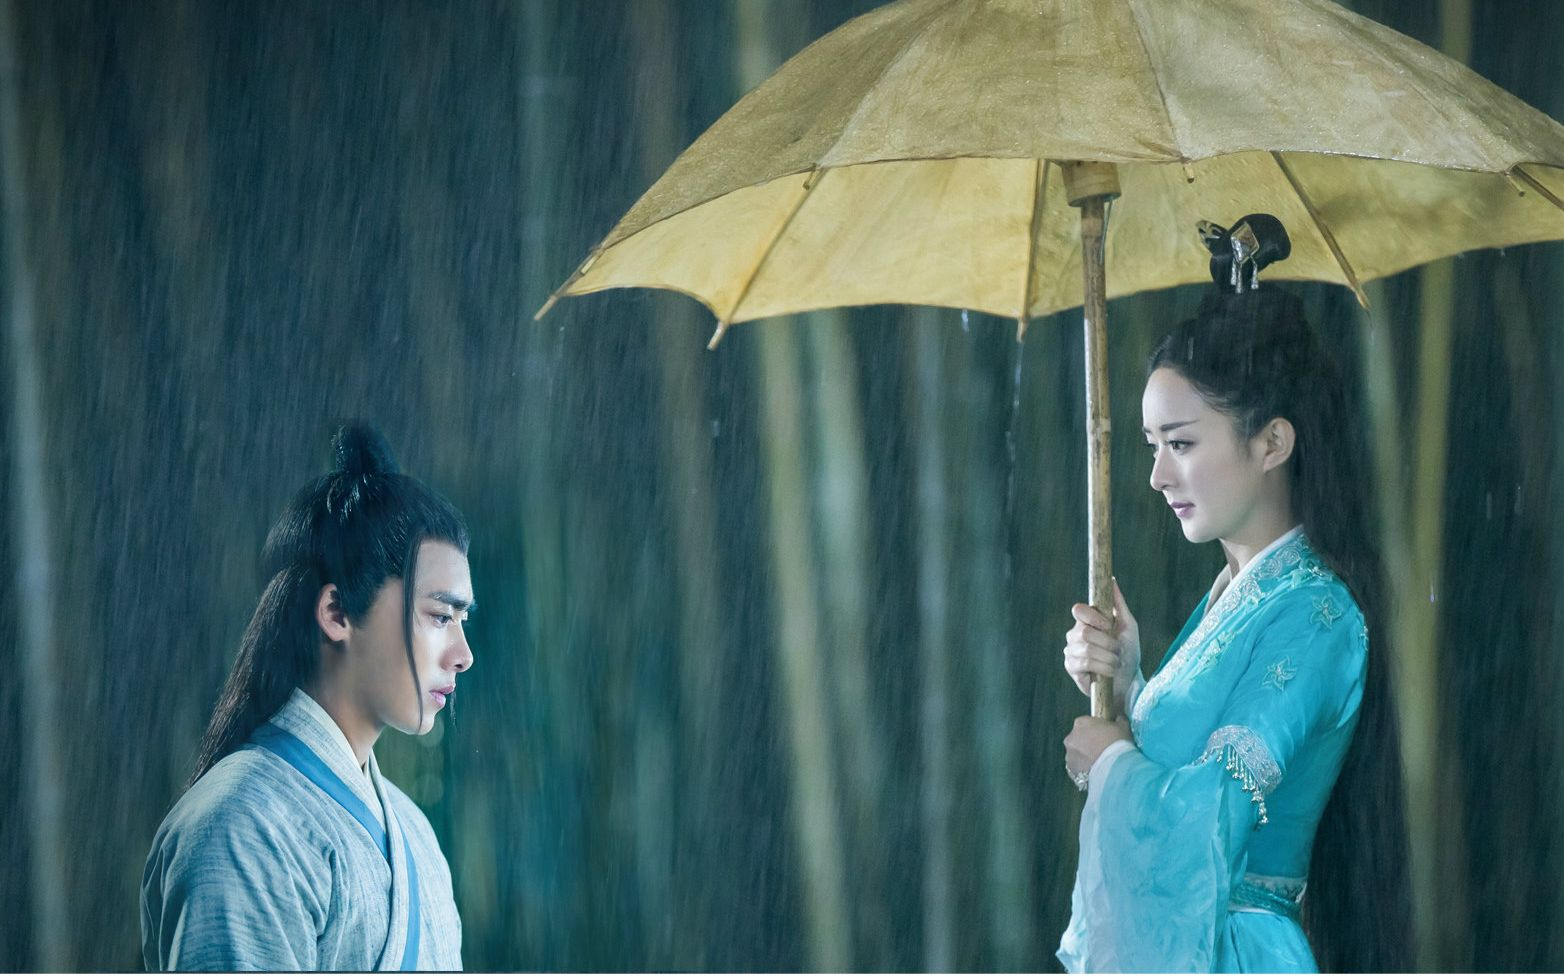 【诛仙青云志】【凡瑶】【李易峰×赵丽颖】习作mv大雨将至图片